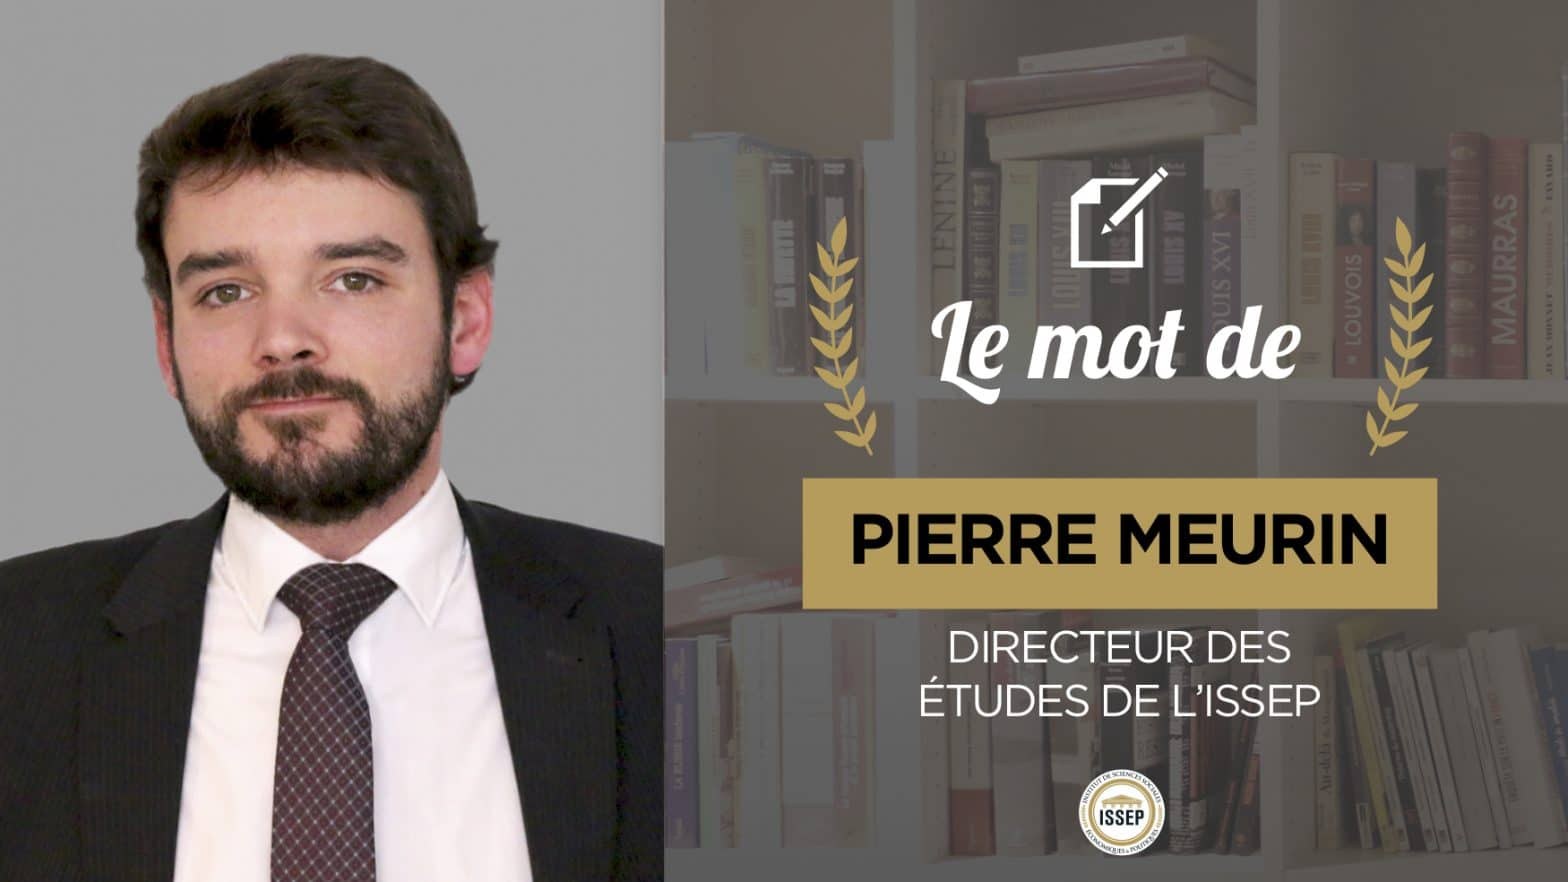 Le mot de Pierre Meurin, directeur des études à l'ISSEP